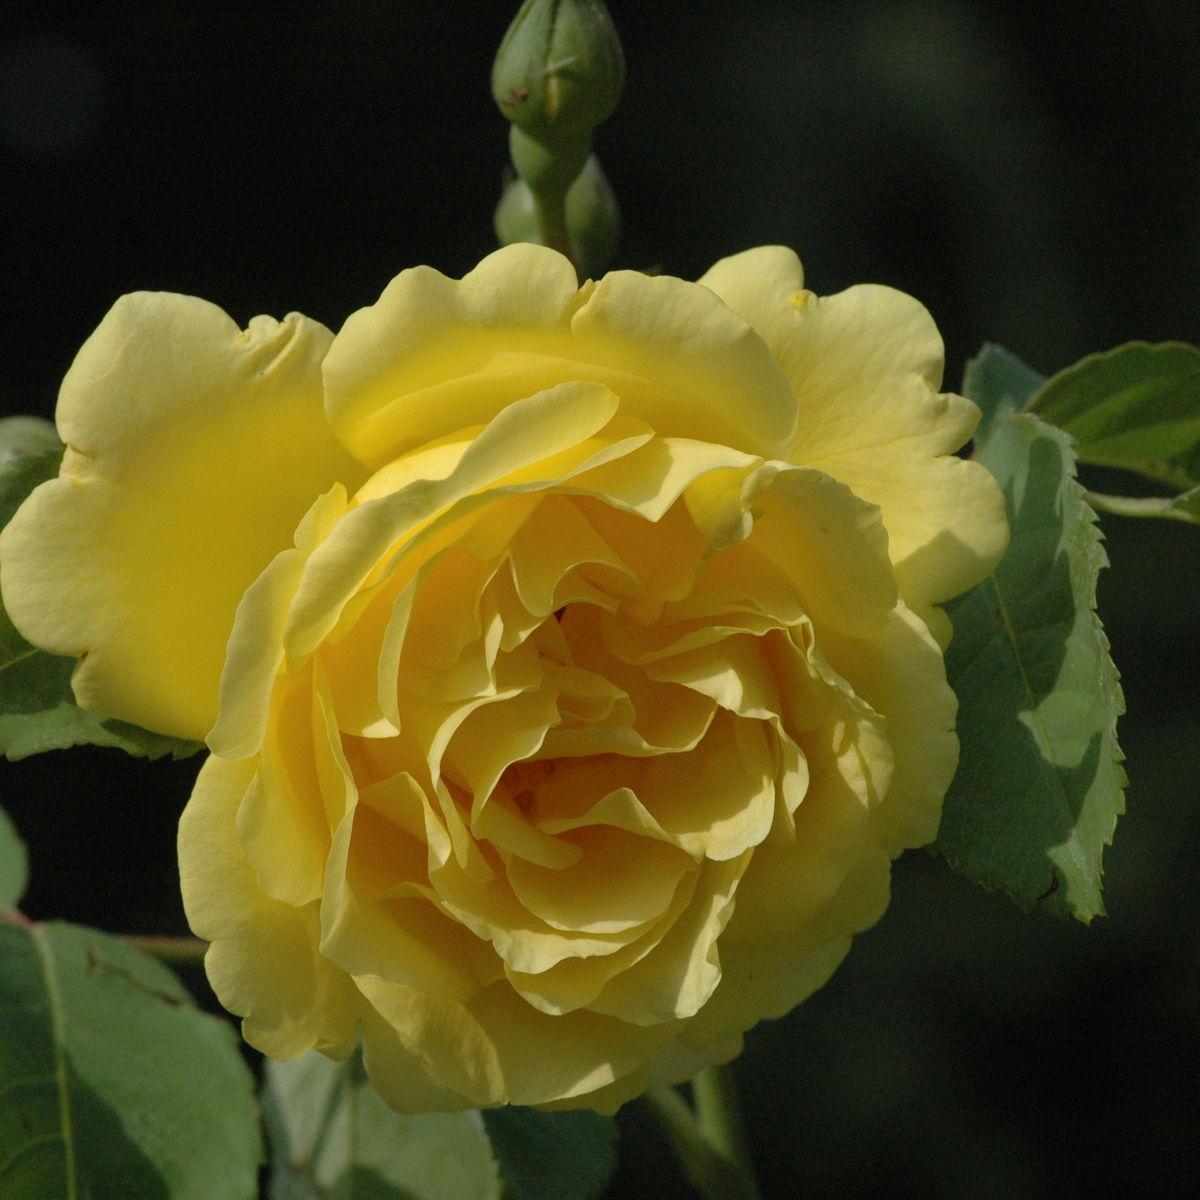 CDR-Rose Kletterrose Golden Gate ® korgolgat ® kordes 1995